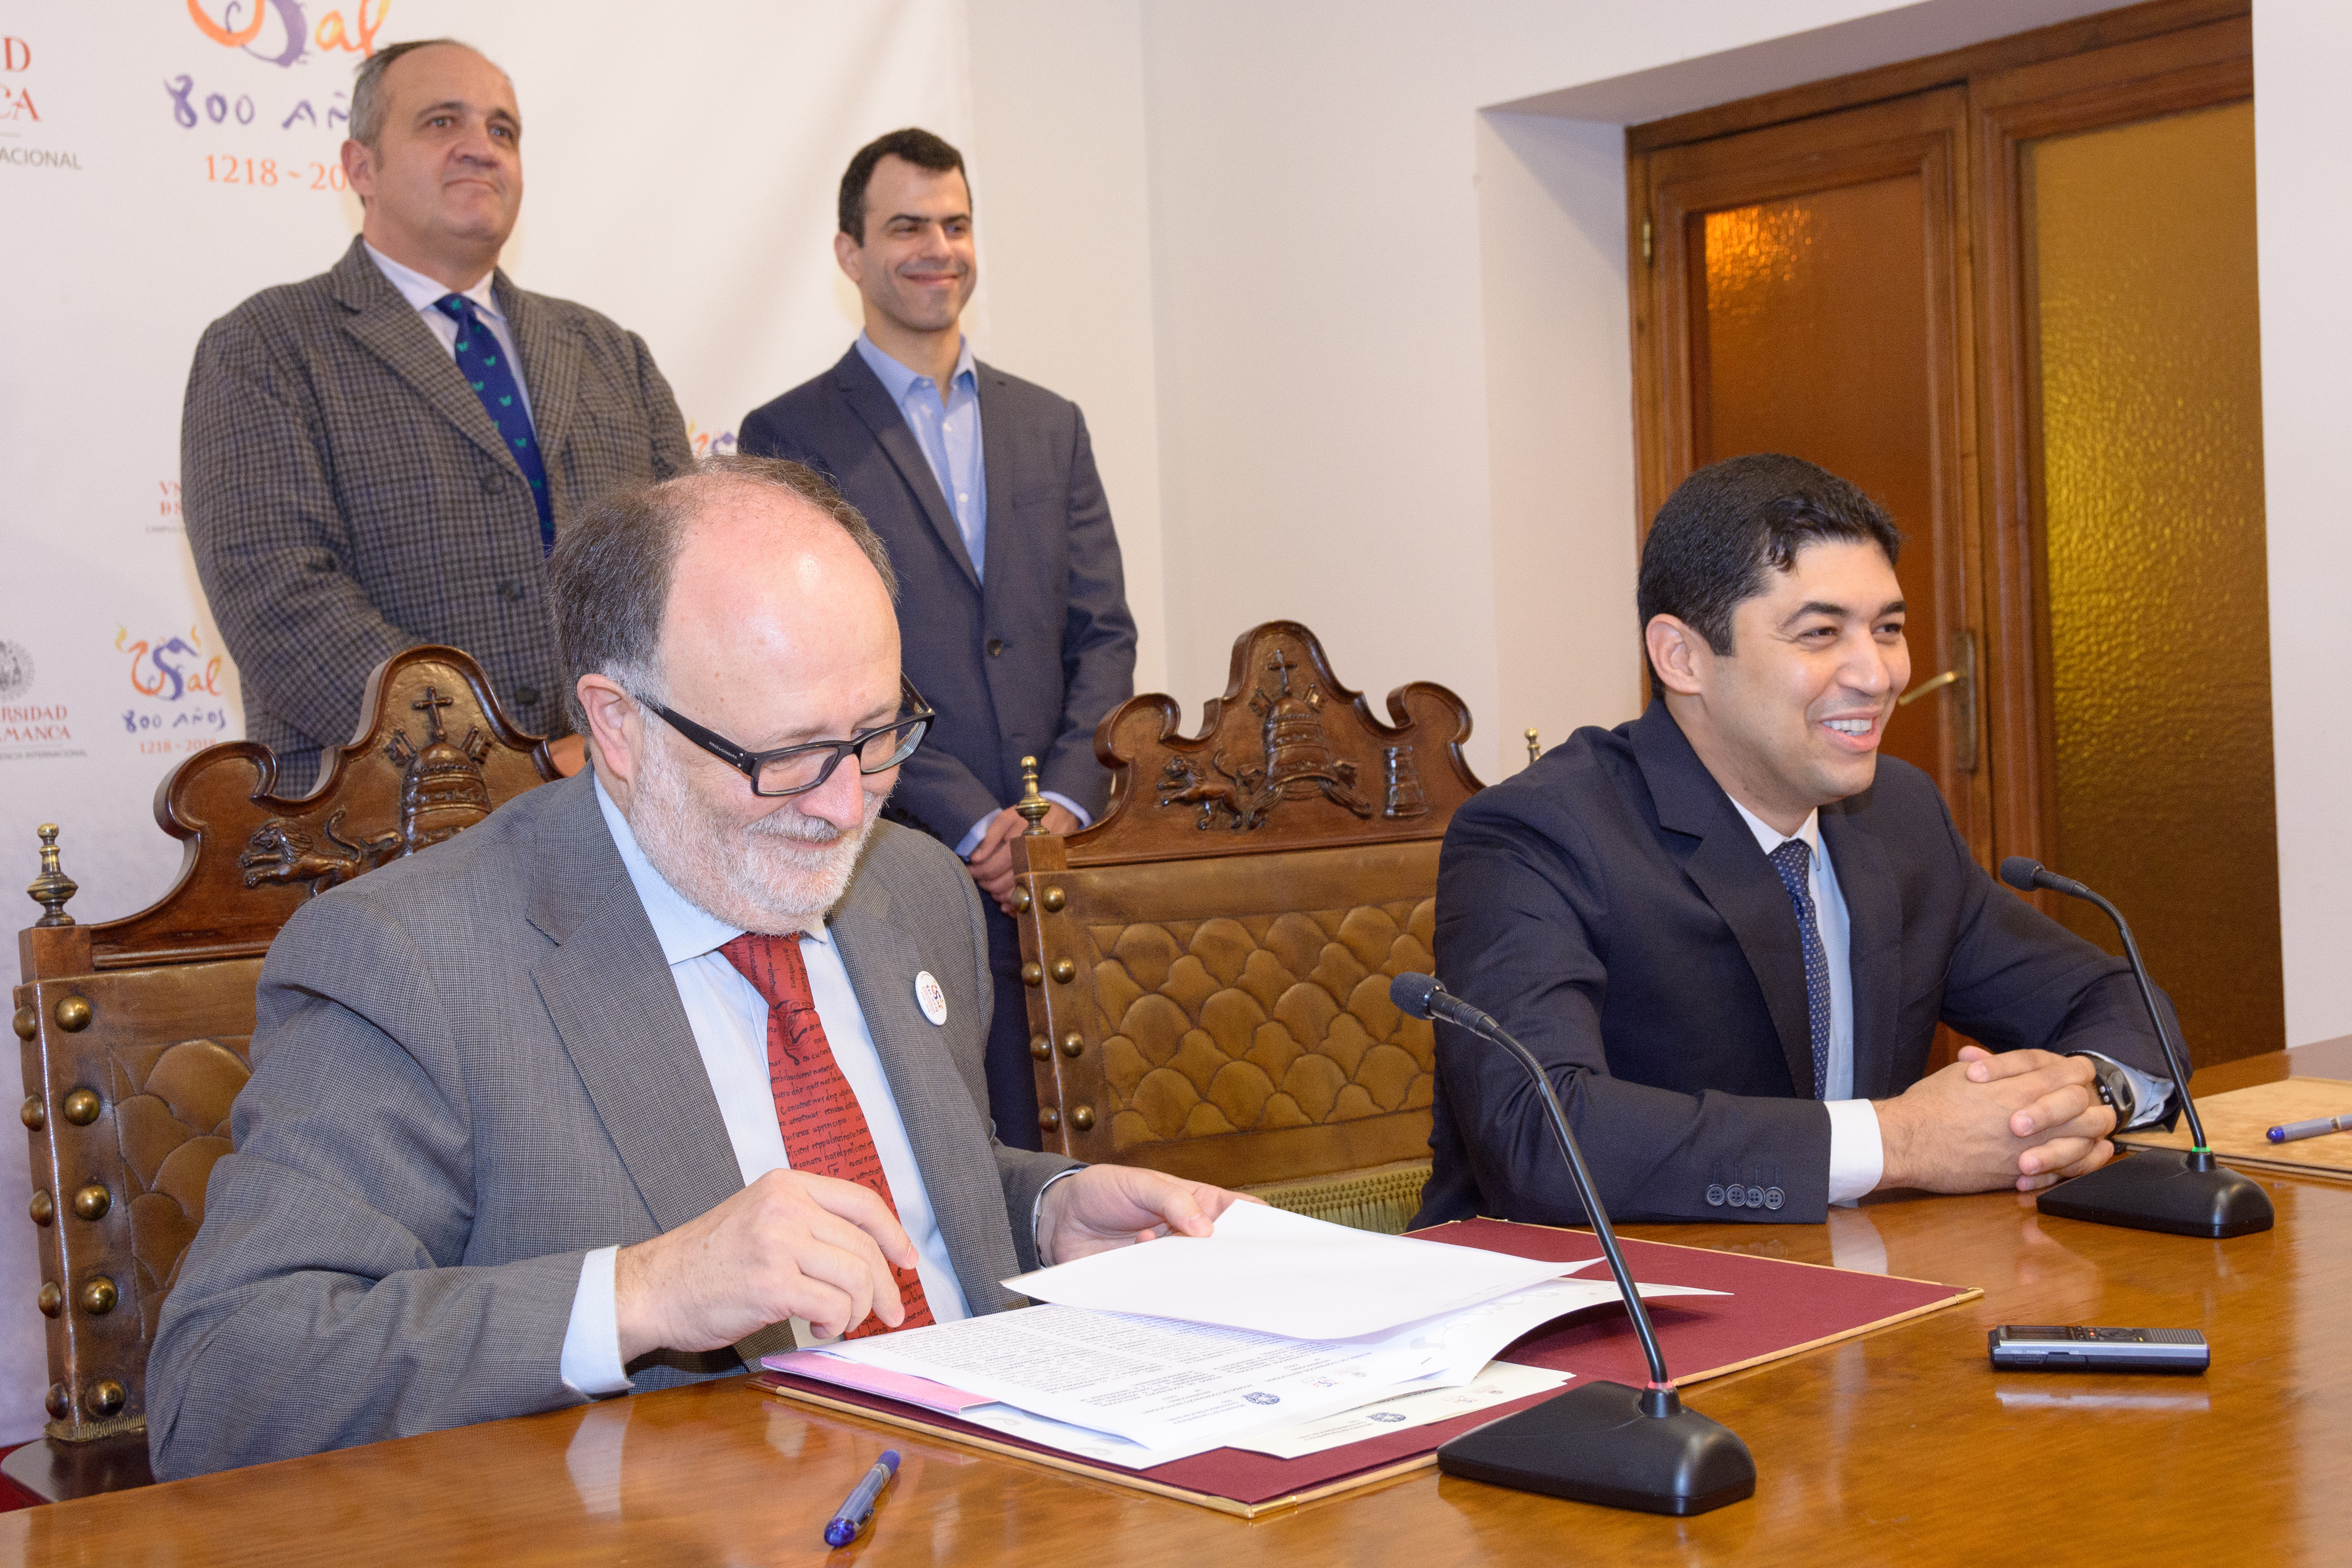 La Universidad de Salamanca y el Ministerio de Transparencia de Brasil desarrollarán programas de lucha contra la corrupción